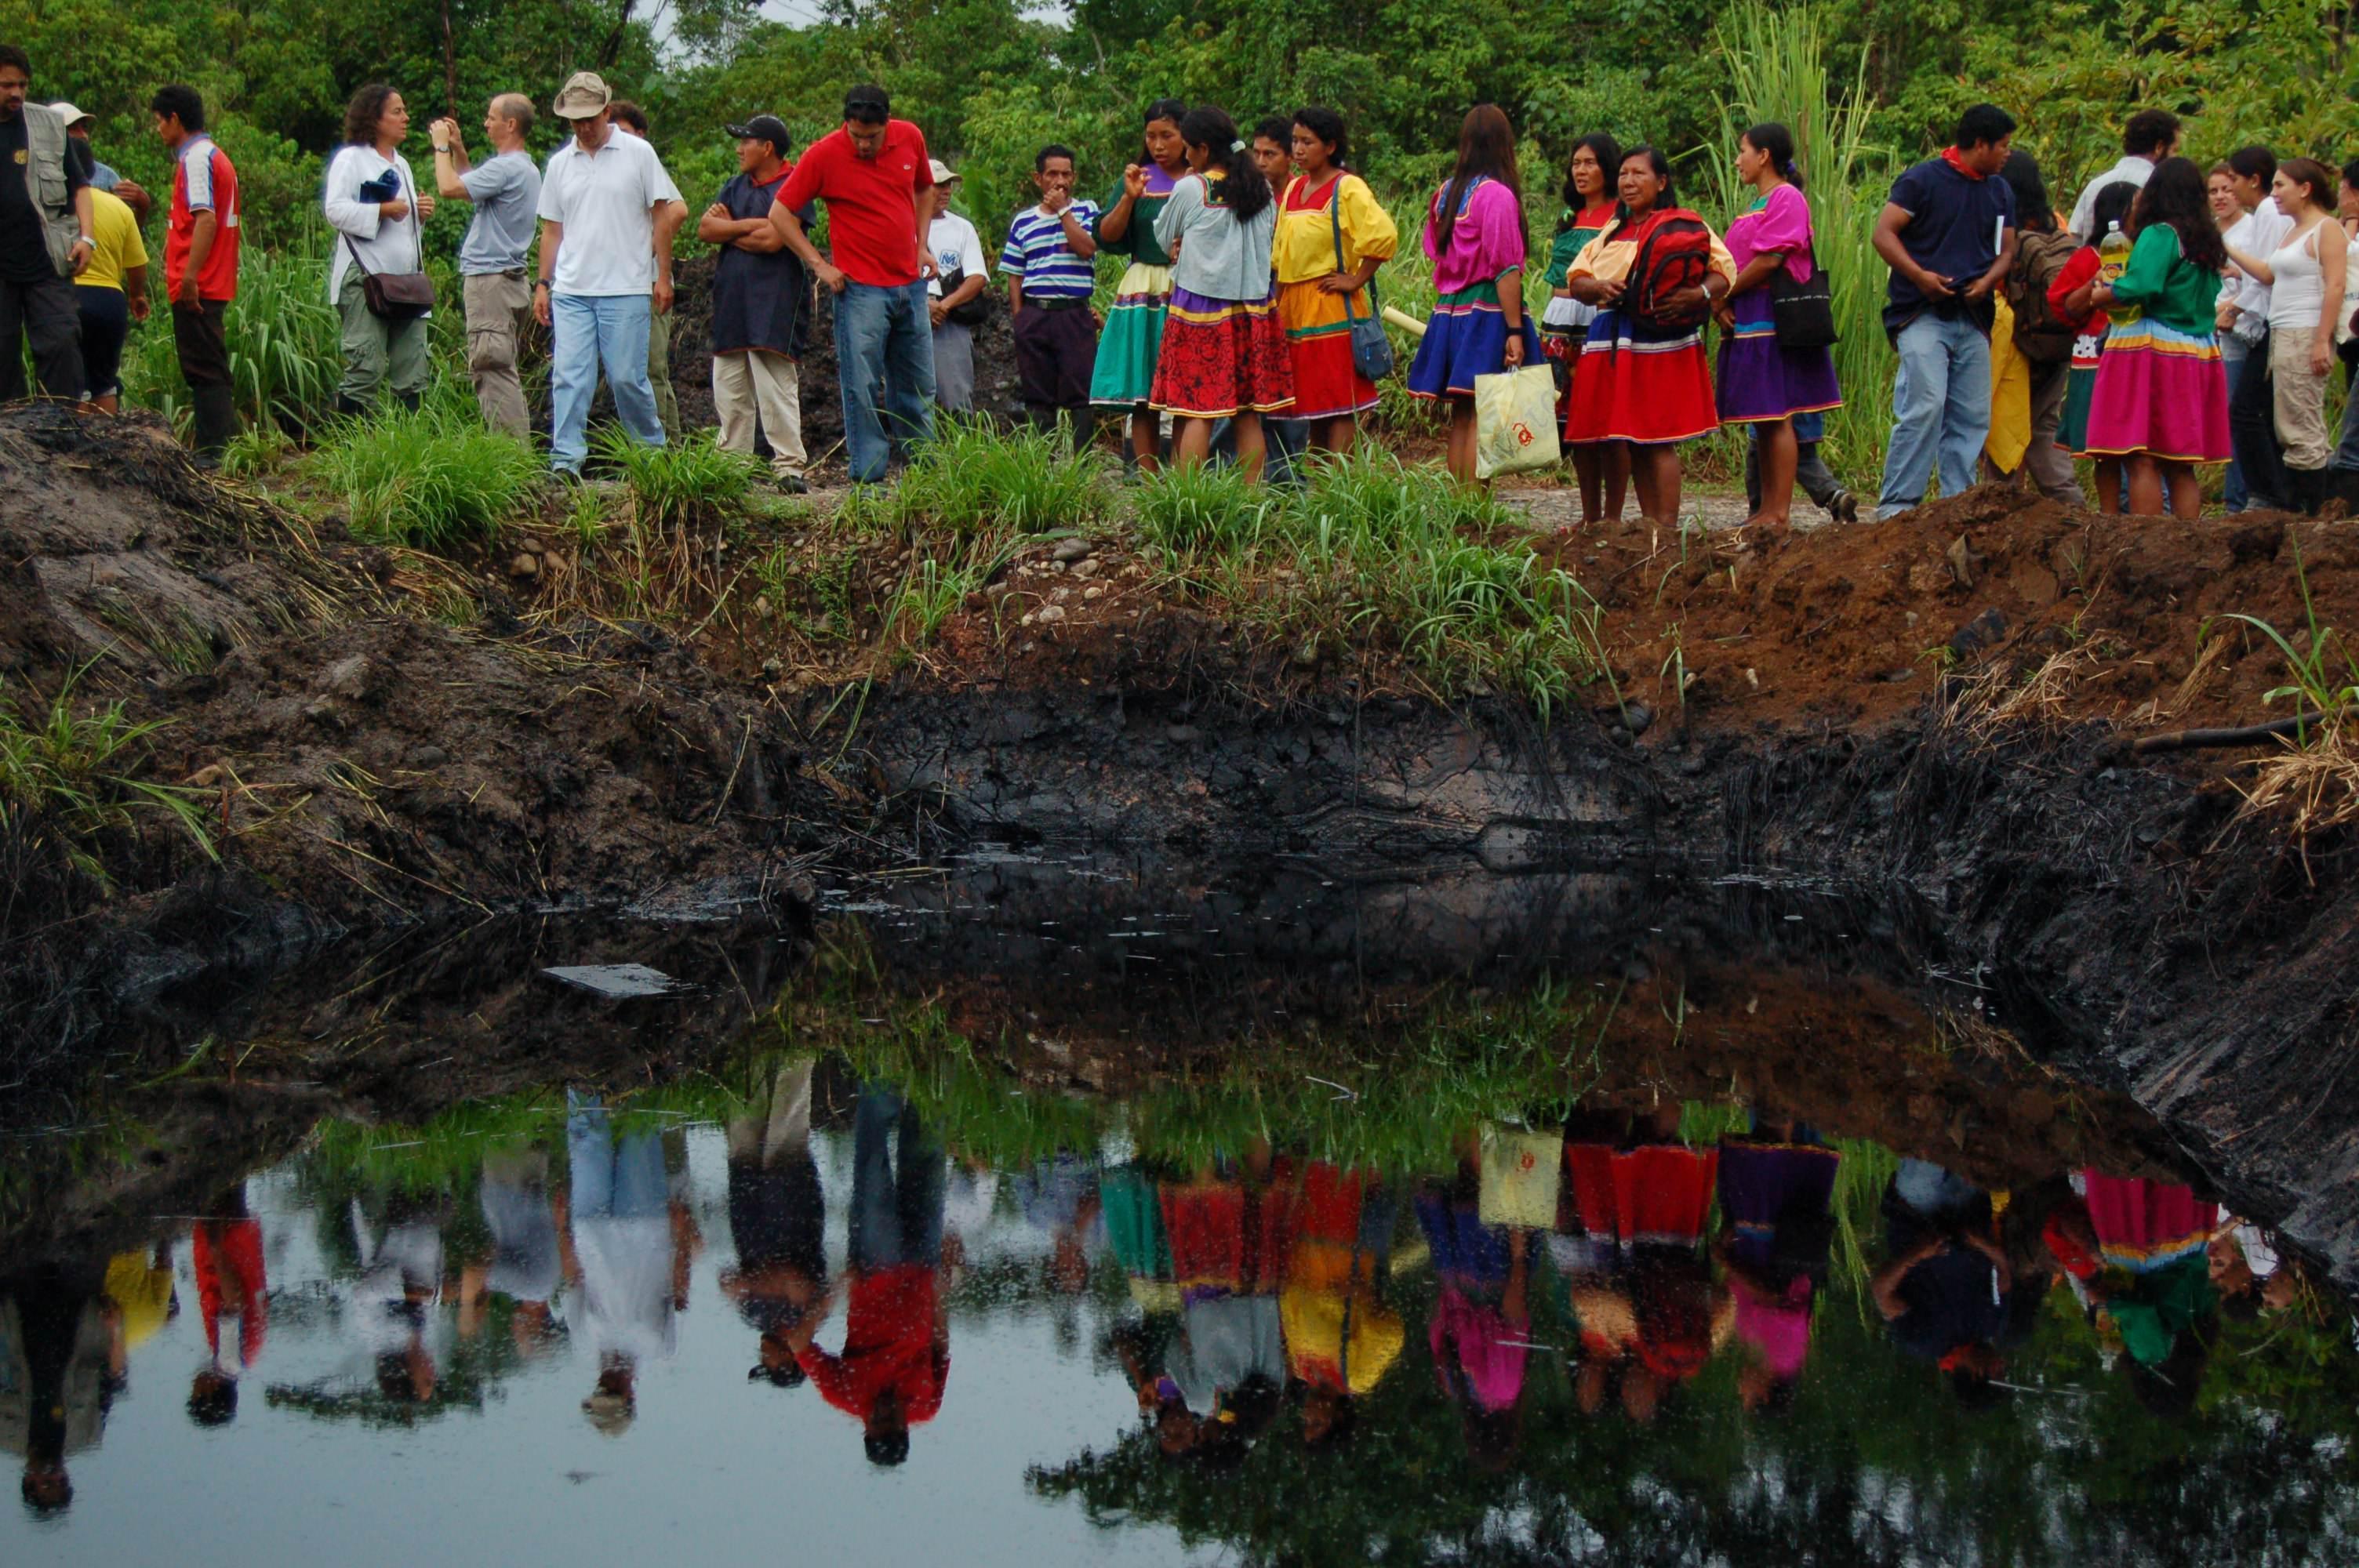 Oil pollution in Ecuador